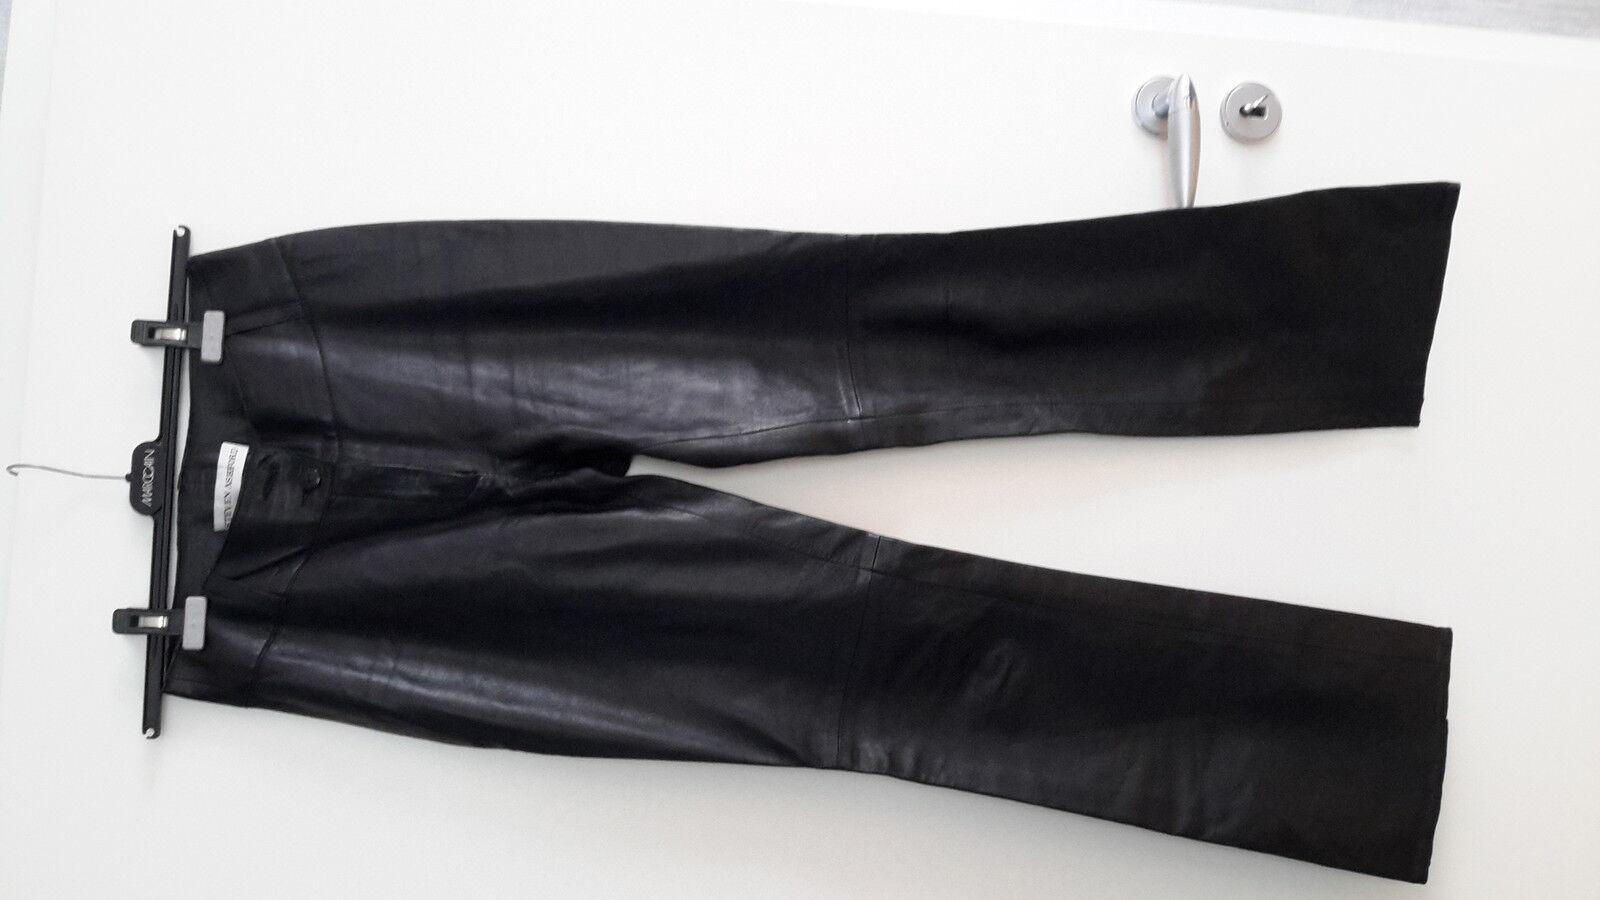 Schwarze Damen Lederhose Marke STEVEN ASHFORD Gr. 36   Billiger Billiger Billiger als der Preis    Ich kann es nicht ablegen    Wirtschaft  e0a6db